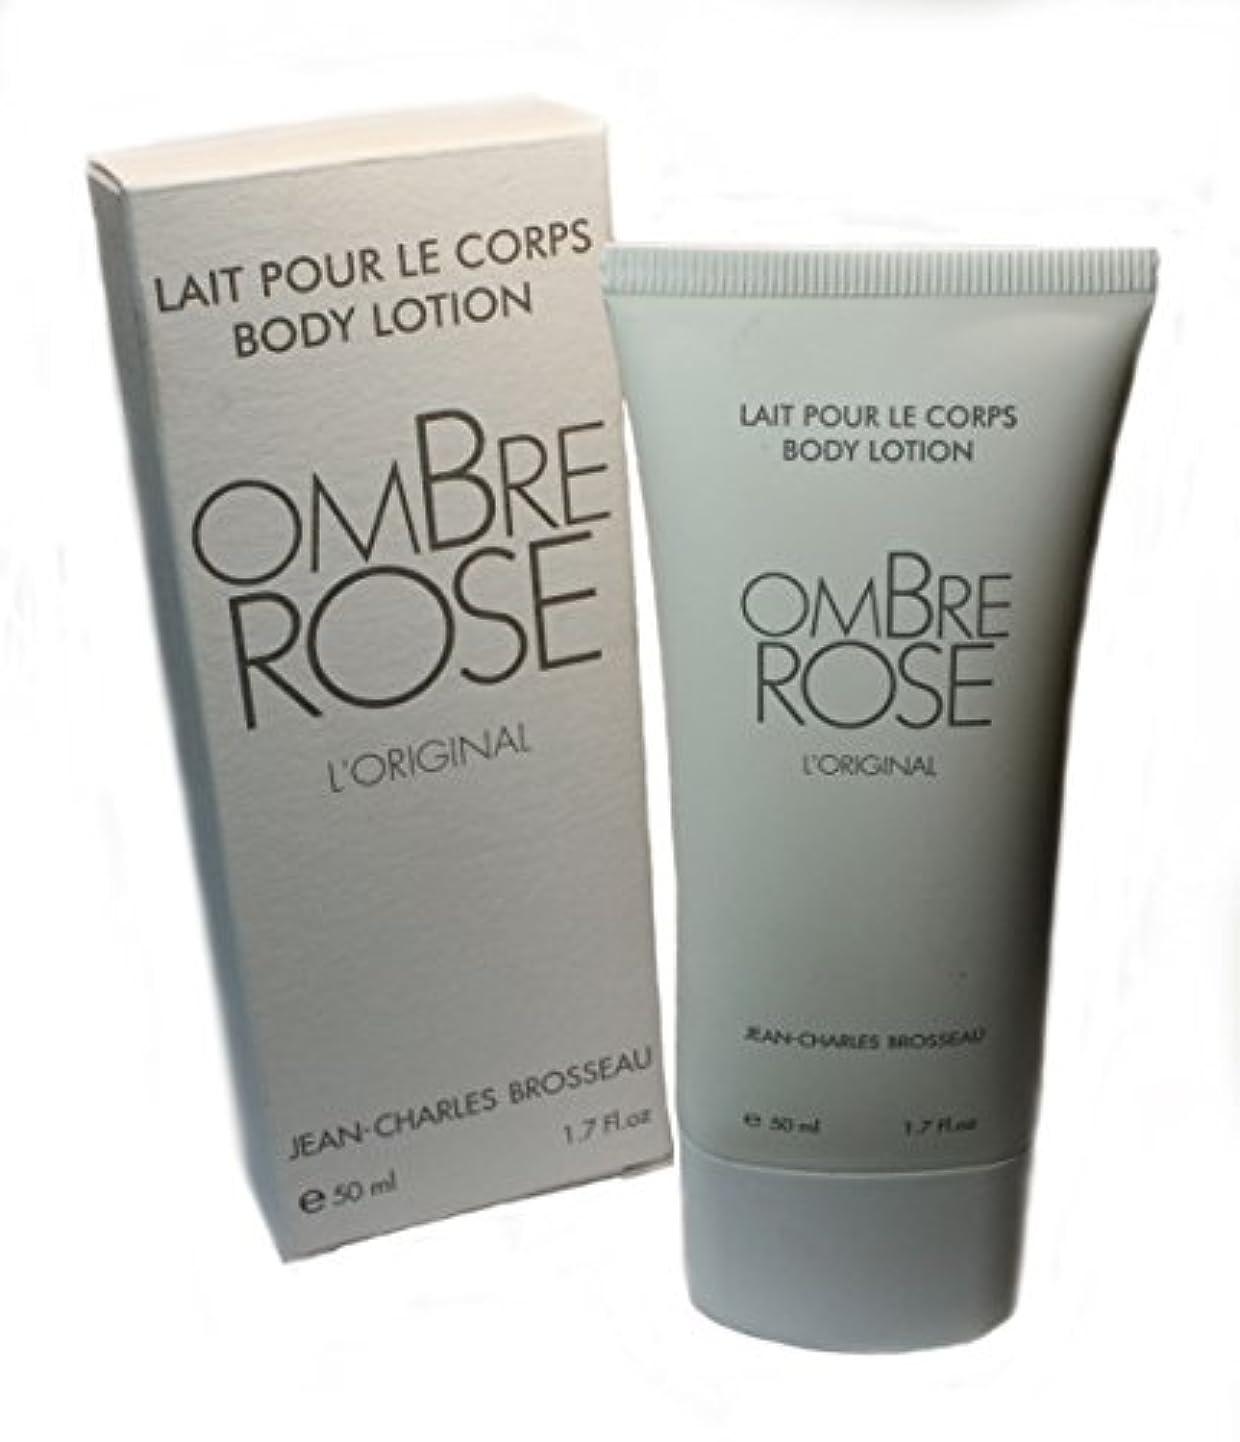 海岸ヘクタール共産主義者Jean-Charles Brosseau Ombre Rose L'Original Body Lotion(ジャン シャルル ブロッソー オンブル ローズ オリジナル ボディーローション)50ml